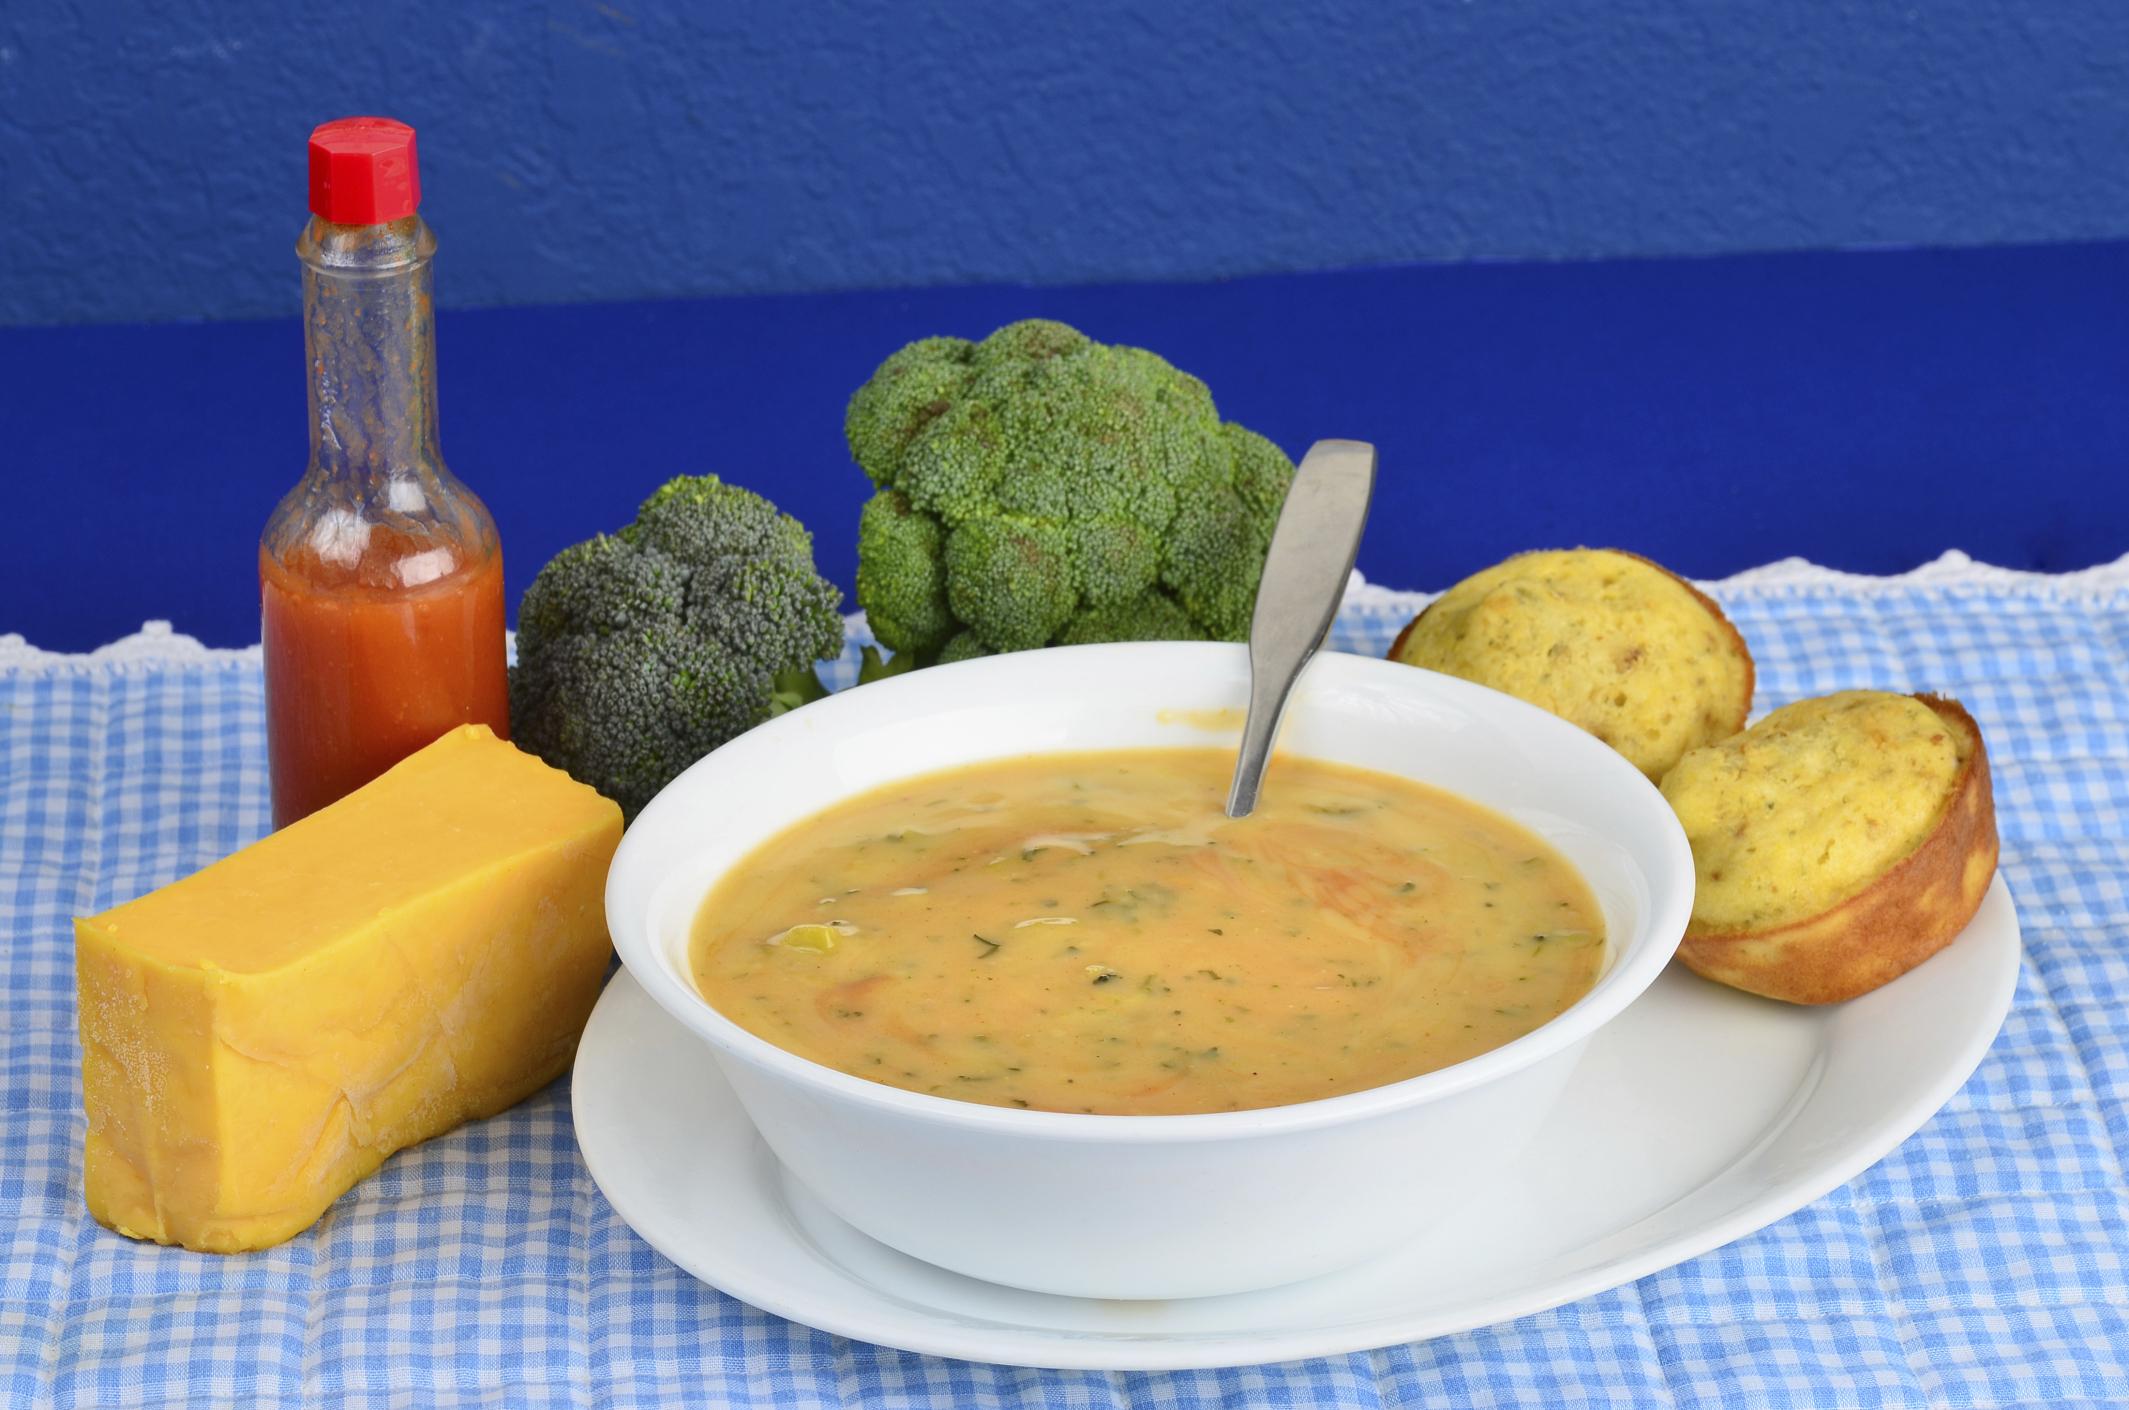 Crema de broccoli y queso cheddar